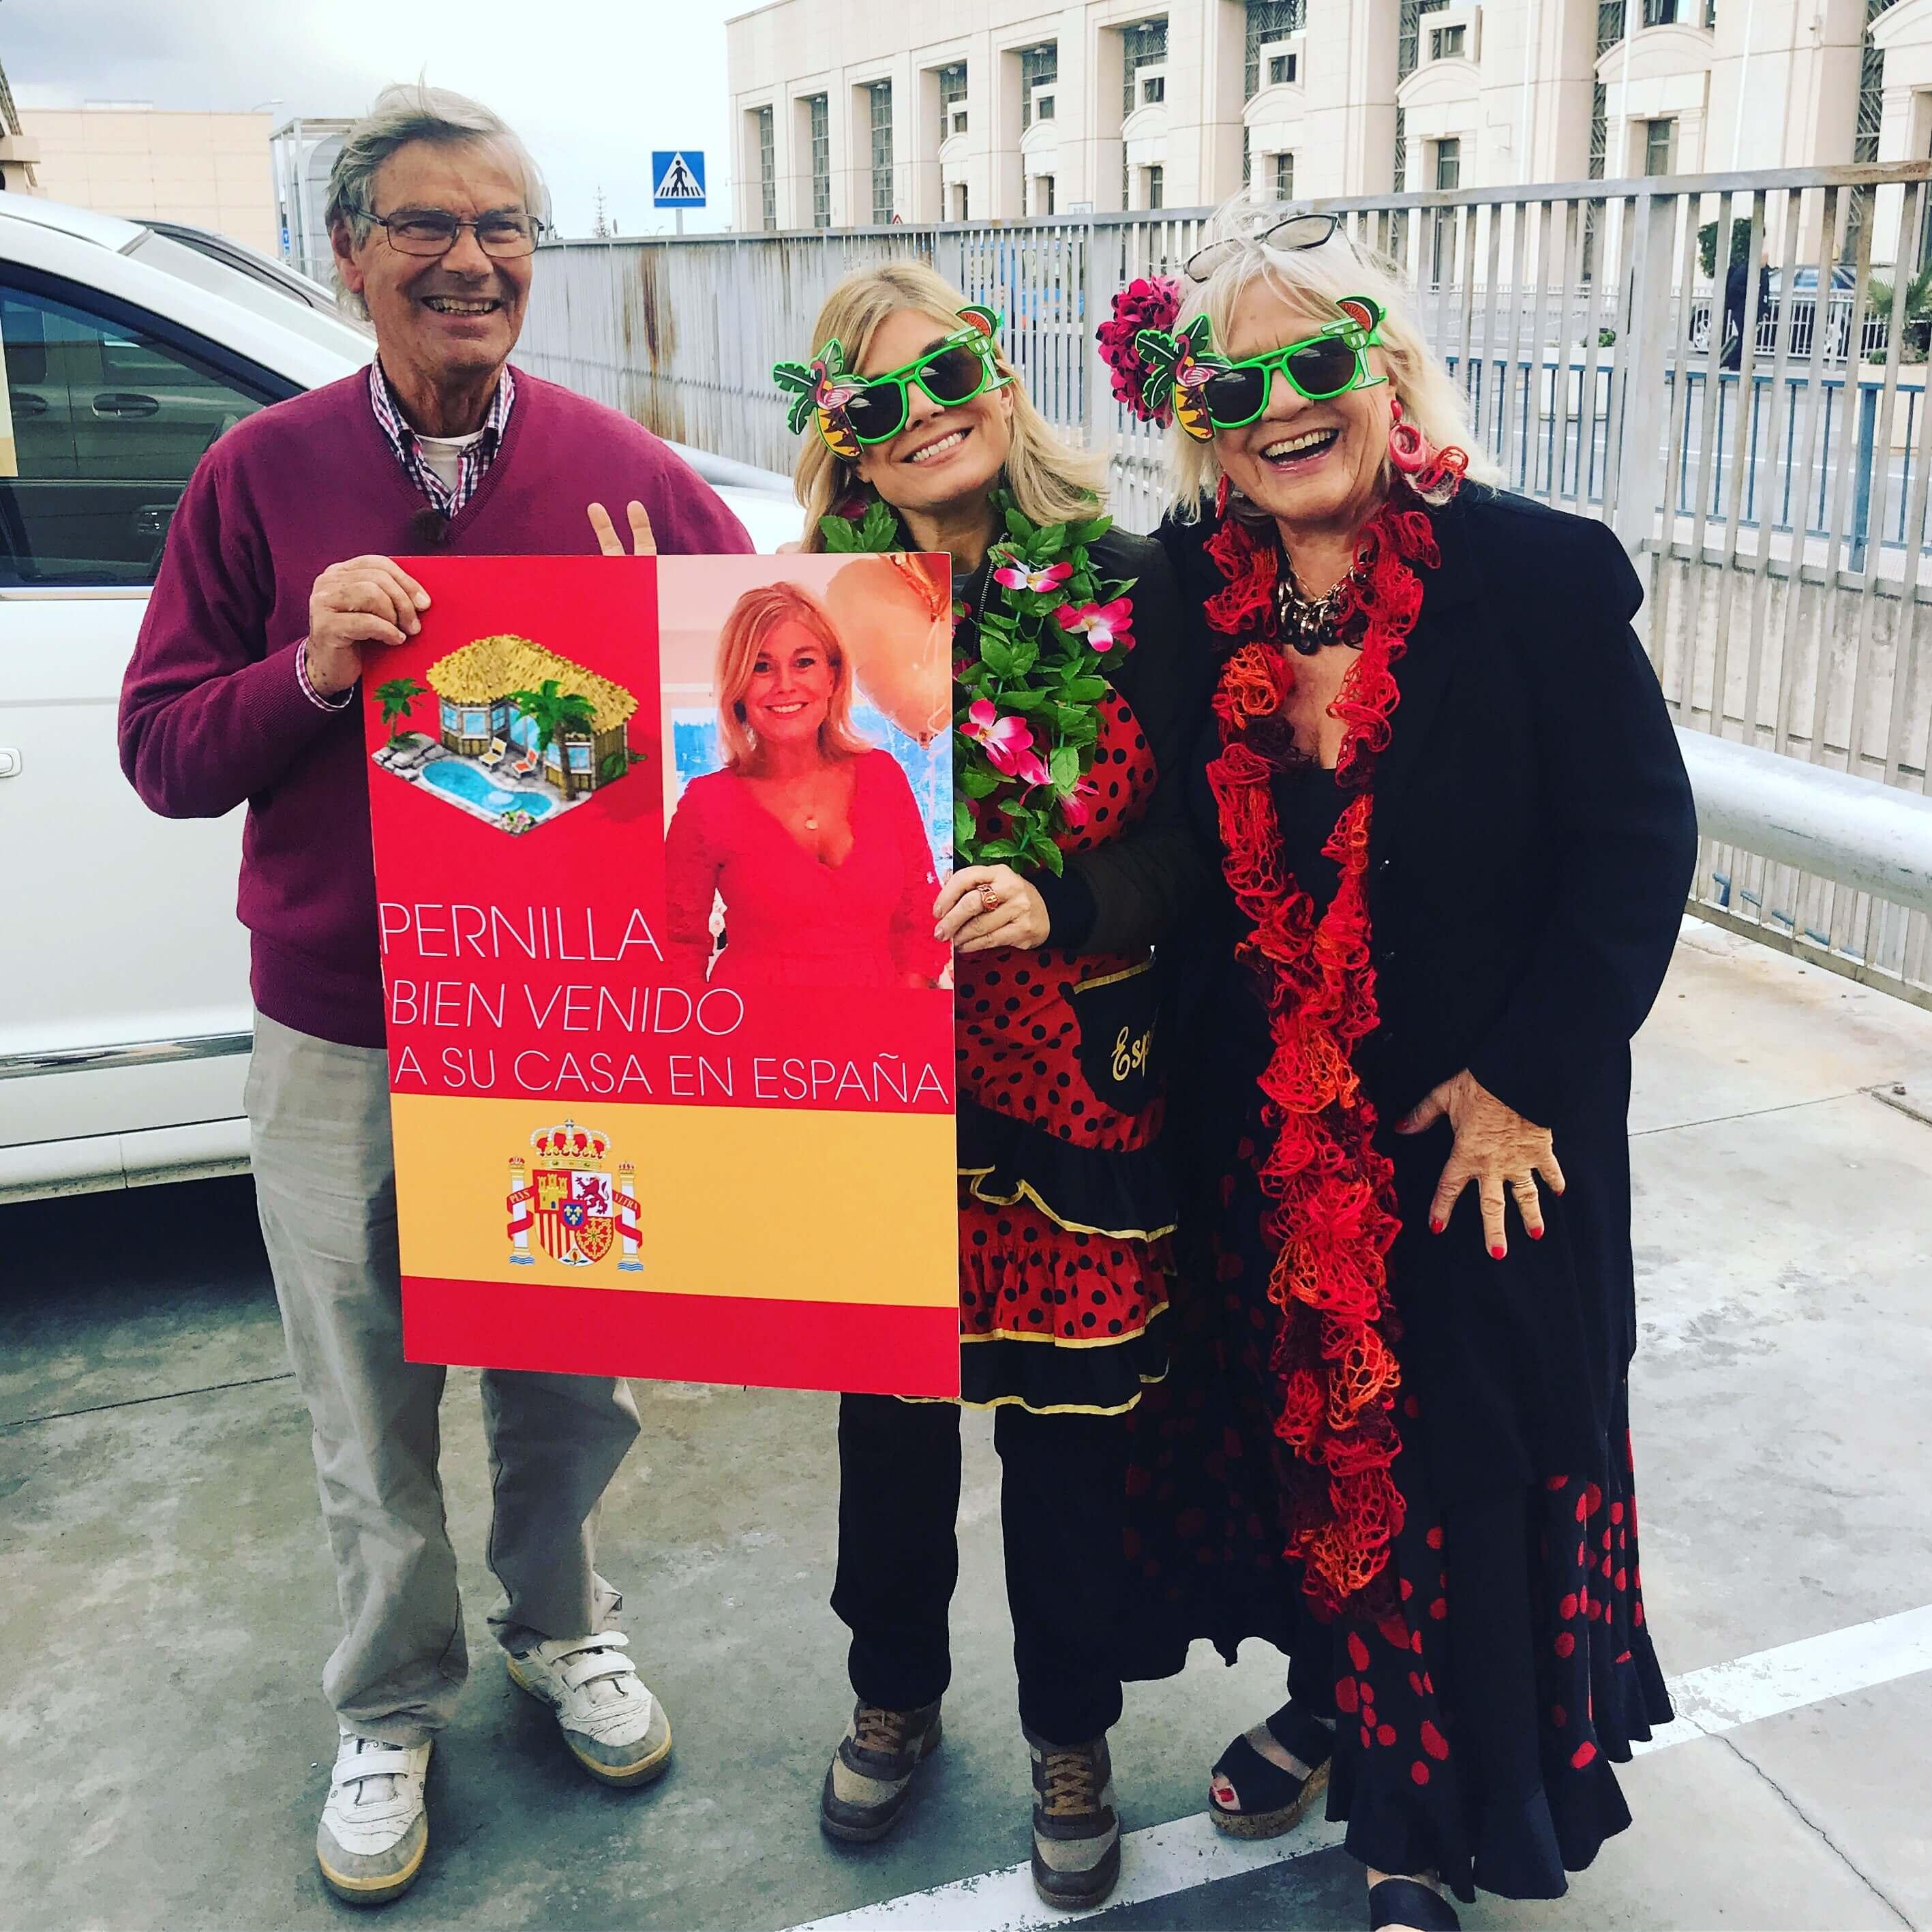 Husägare i Marbella!